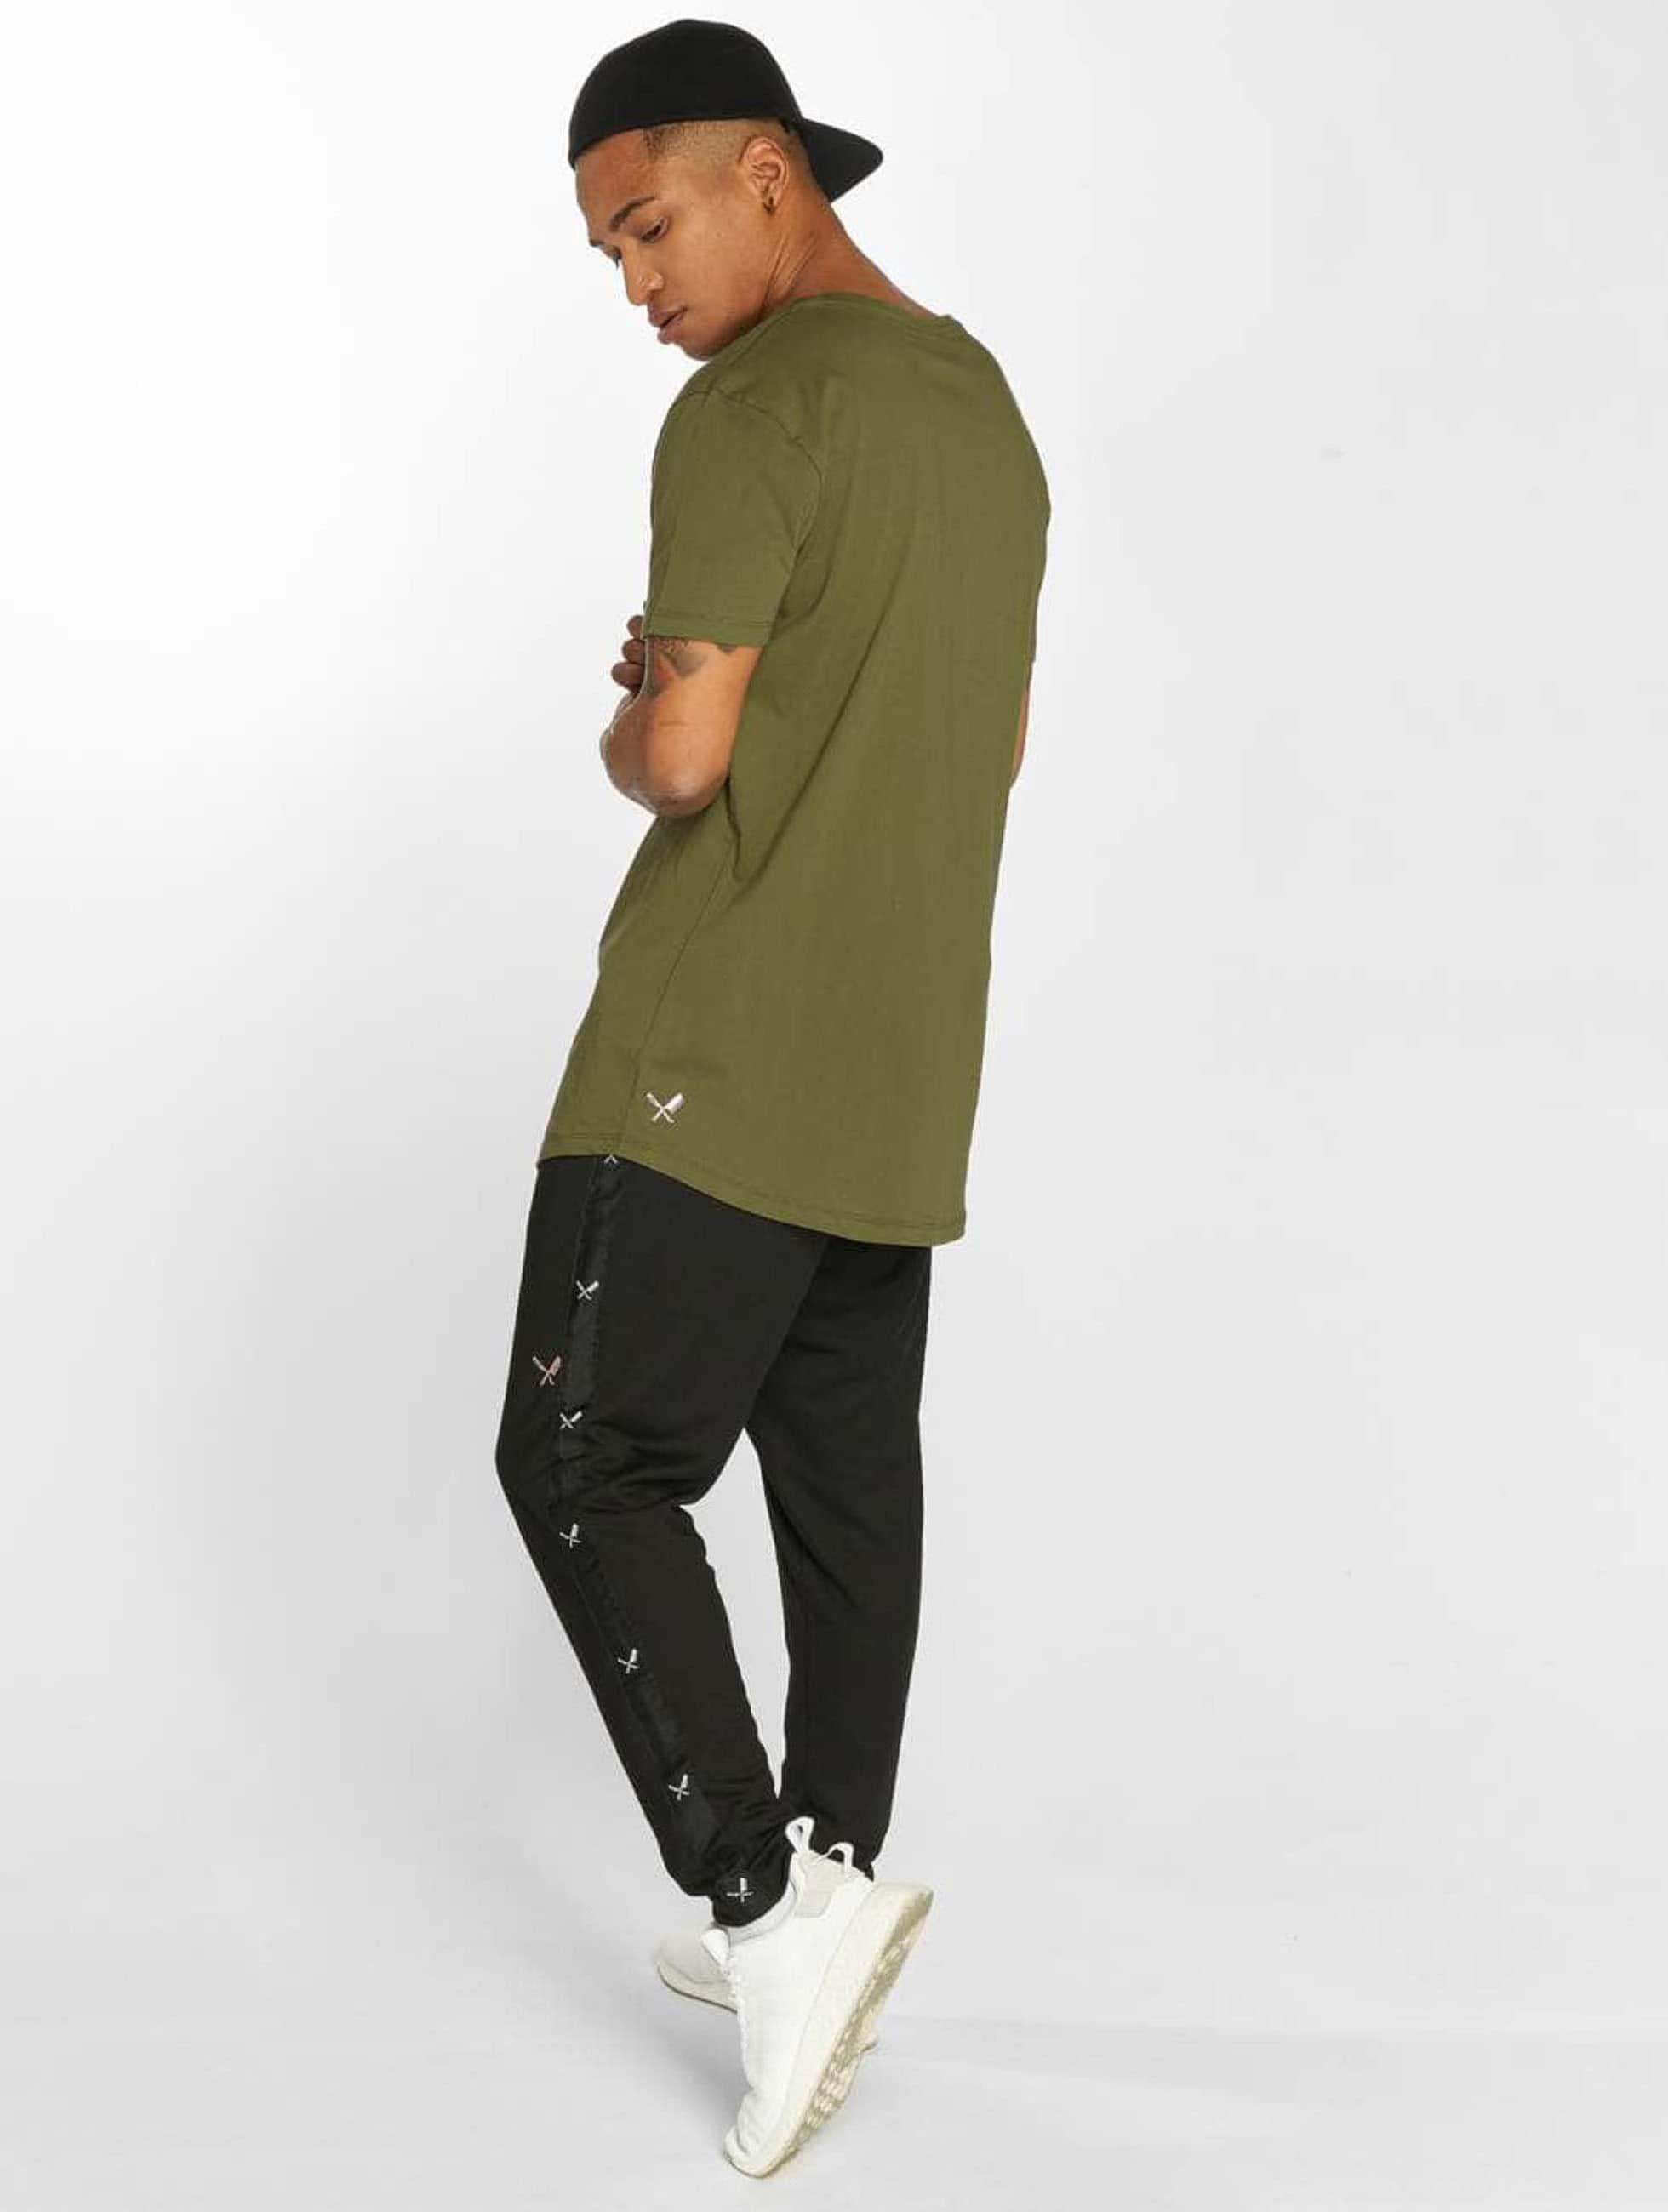 Distorted People Camiseta BB Blades Camo oliva